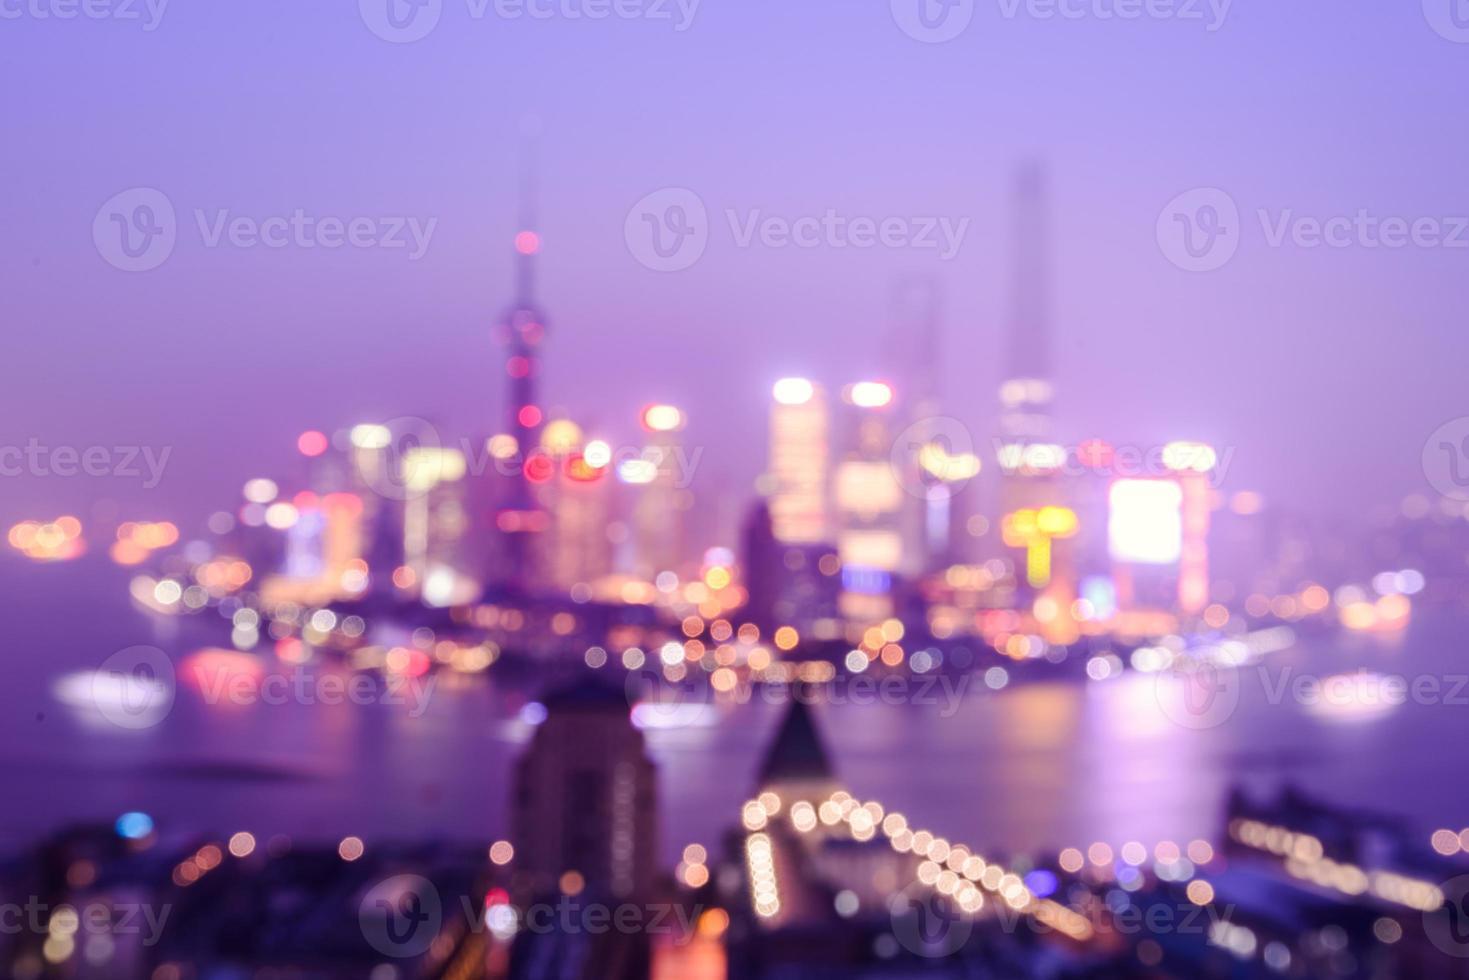 nacht shanghai skyline met reflectie, prachtige moderne stad foto